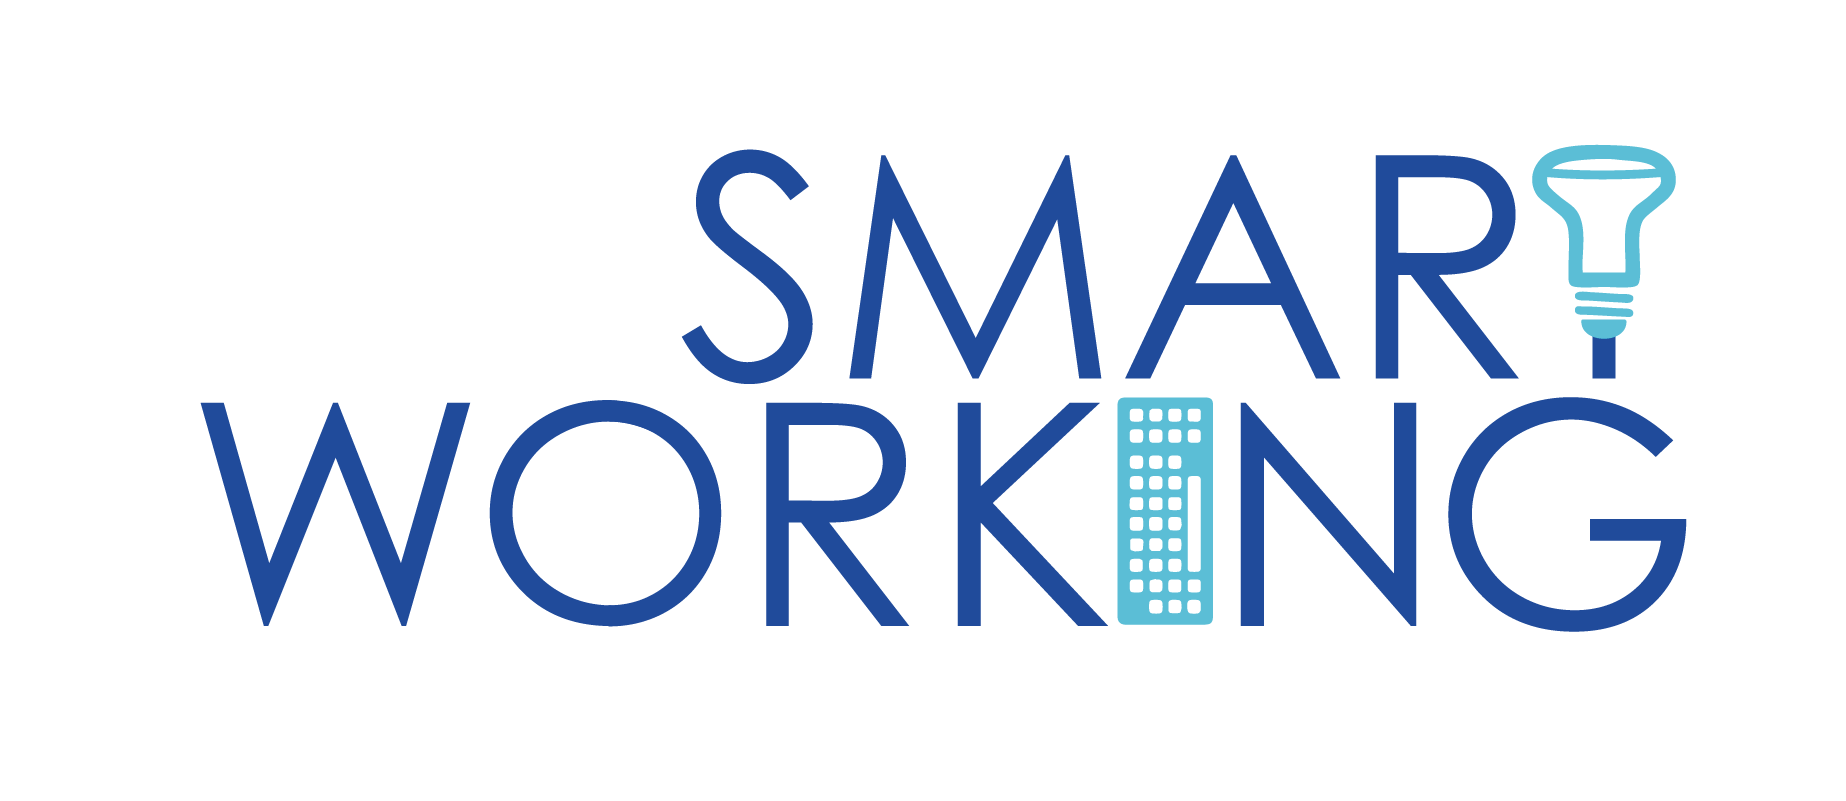 Sono 36 i milioni di km al giorno che lo smart working può fare risparmiare, la metà dei quali in auto